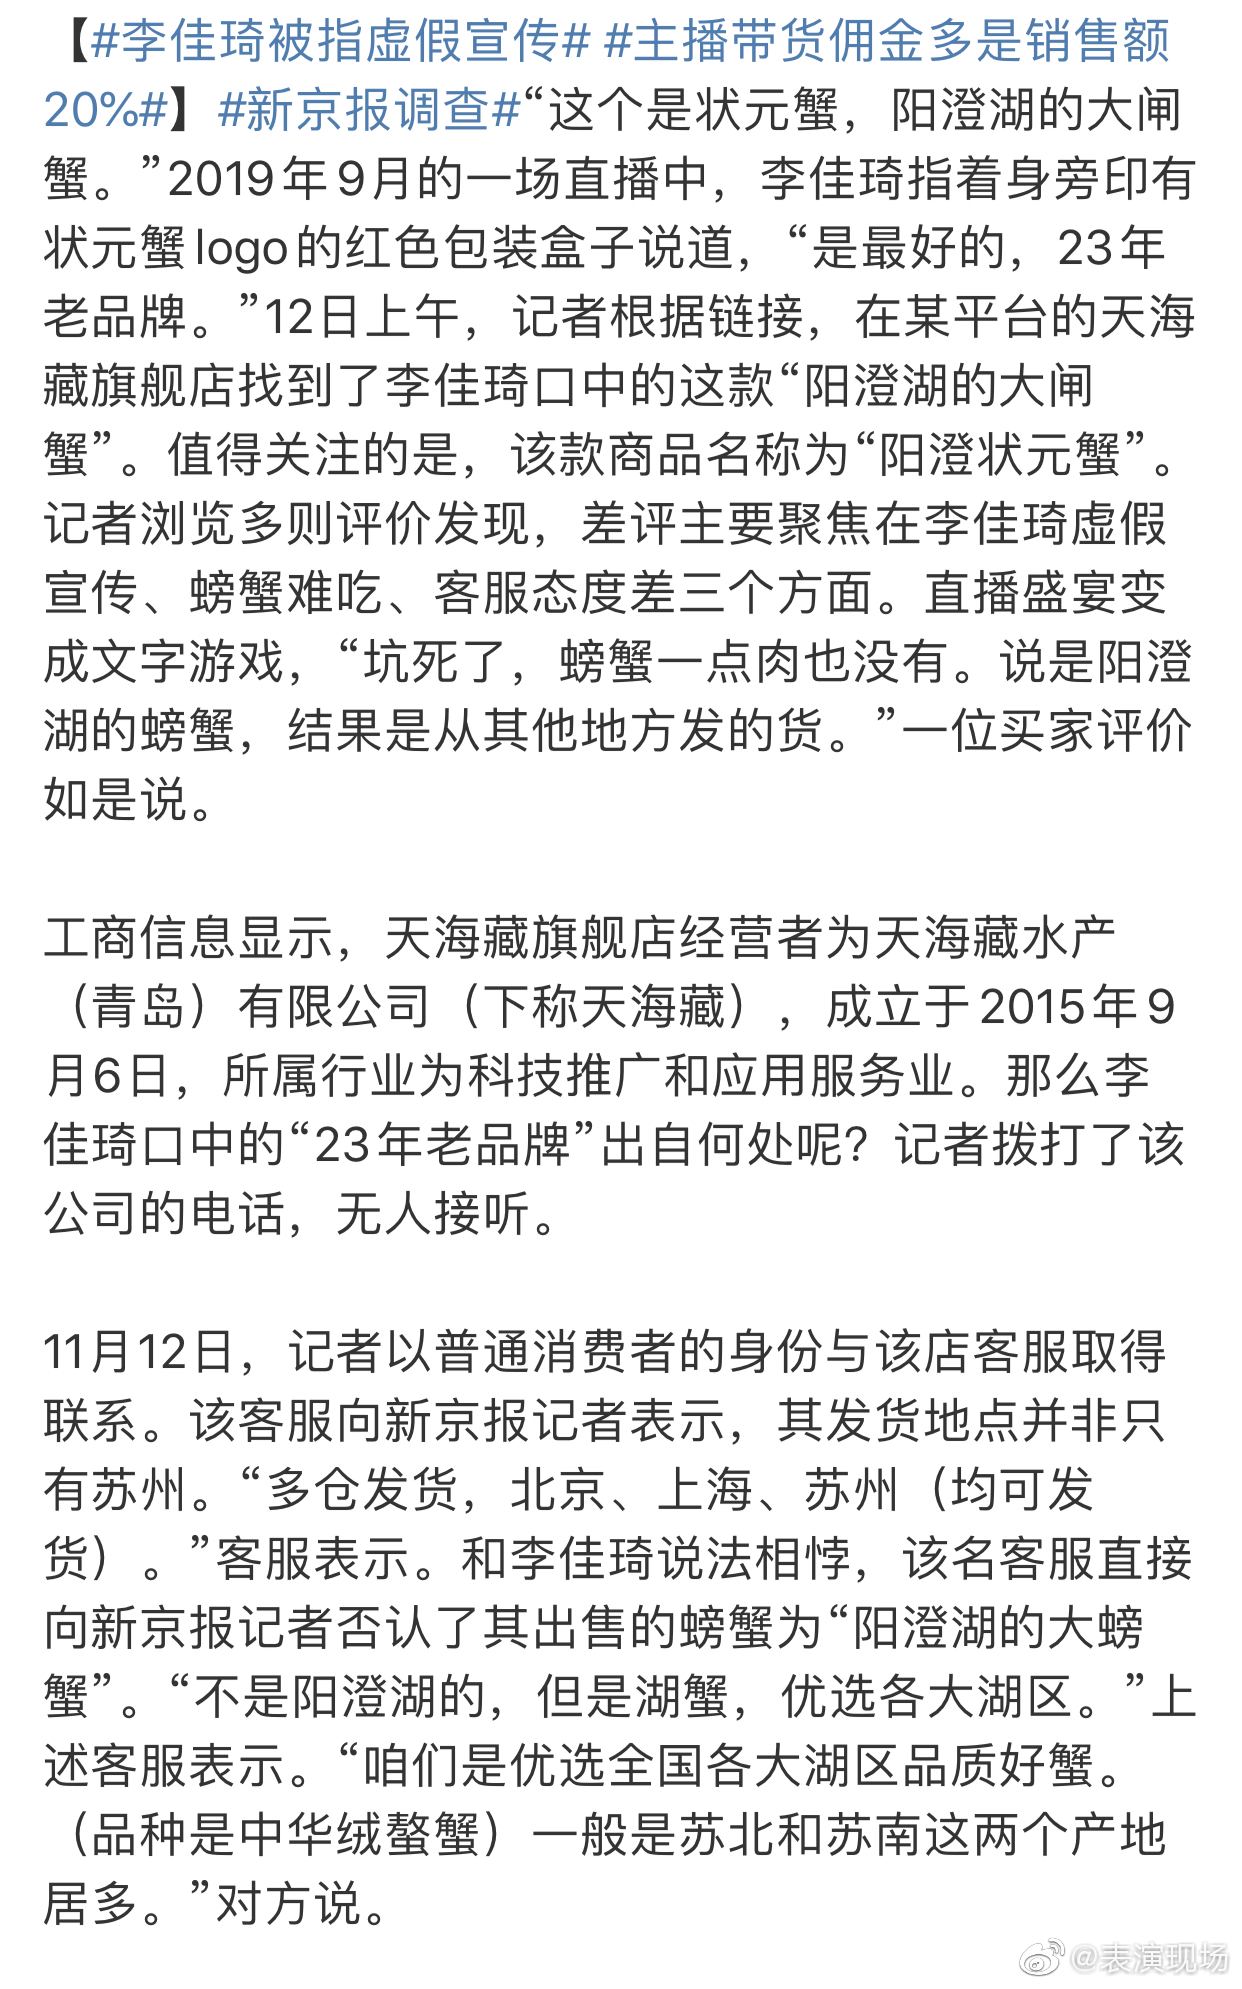 百雀羚官方微博点赞了带李佳琦被指虚假宣传话题的微博投票